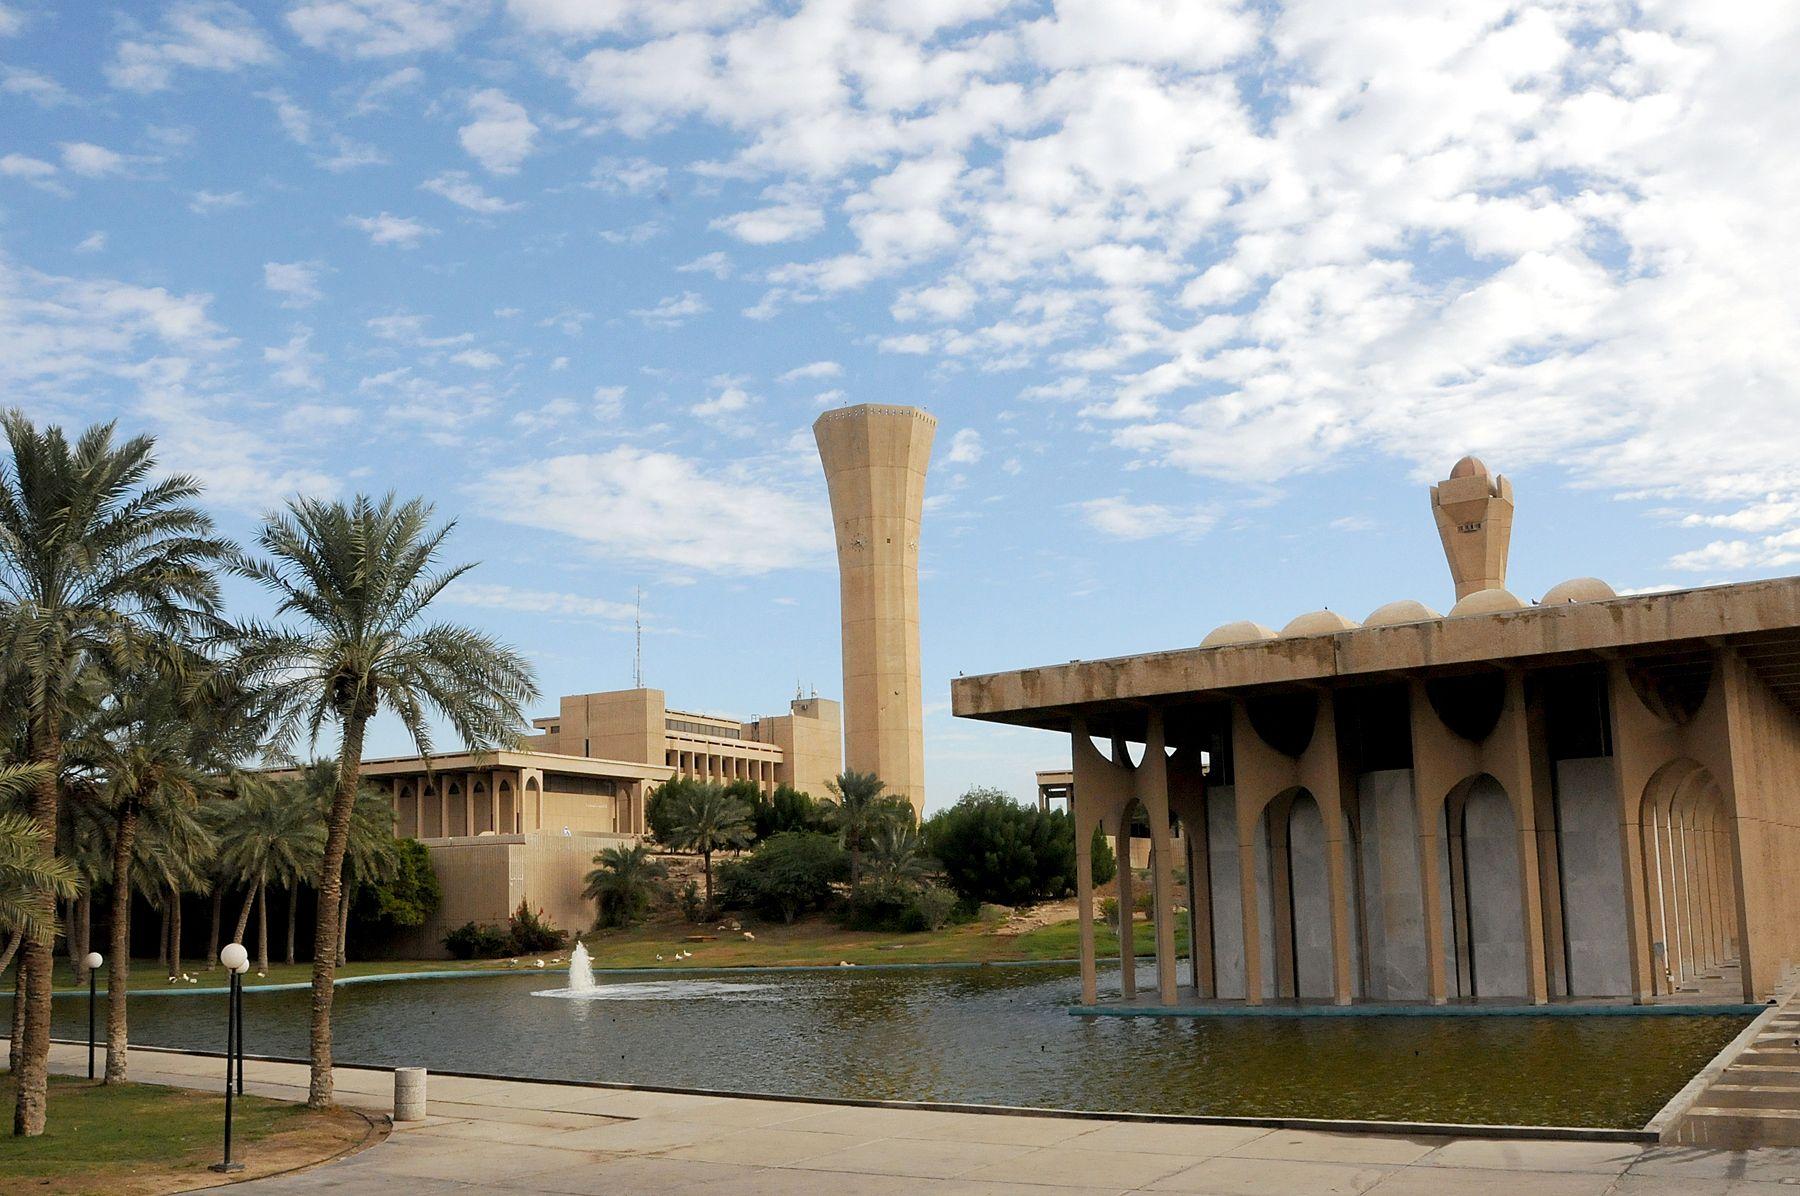 Αποτέλεσμα εικόνας για King Fahd University of Petroleum and Minerals